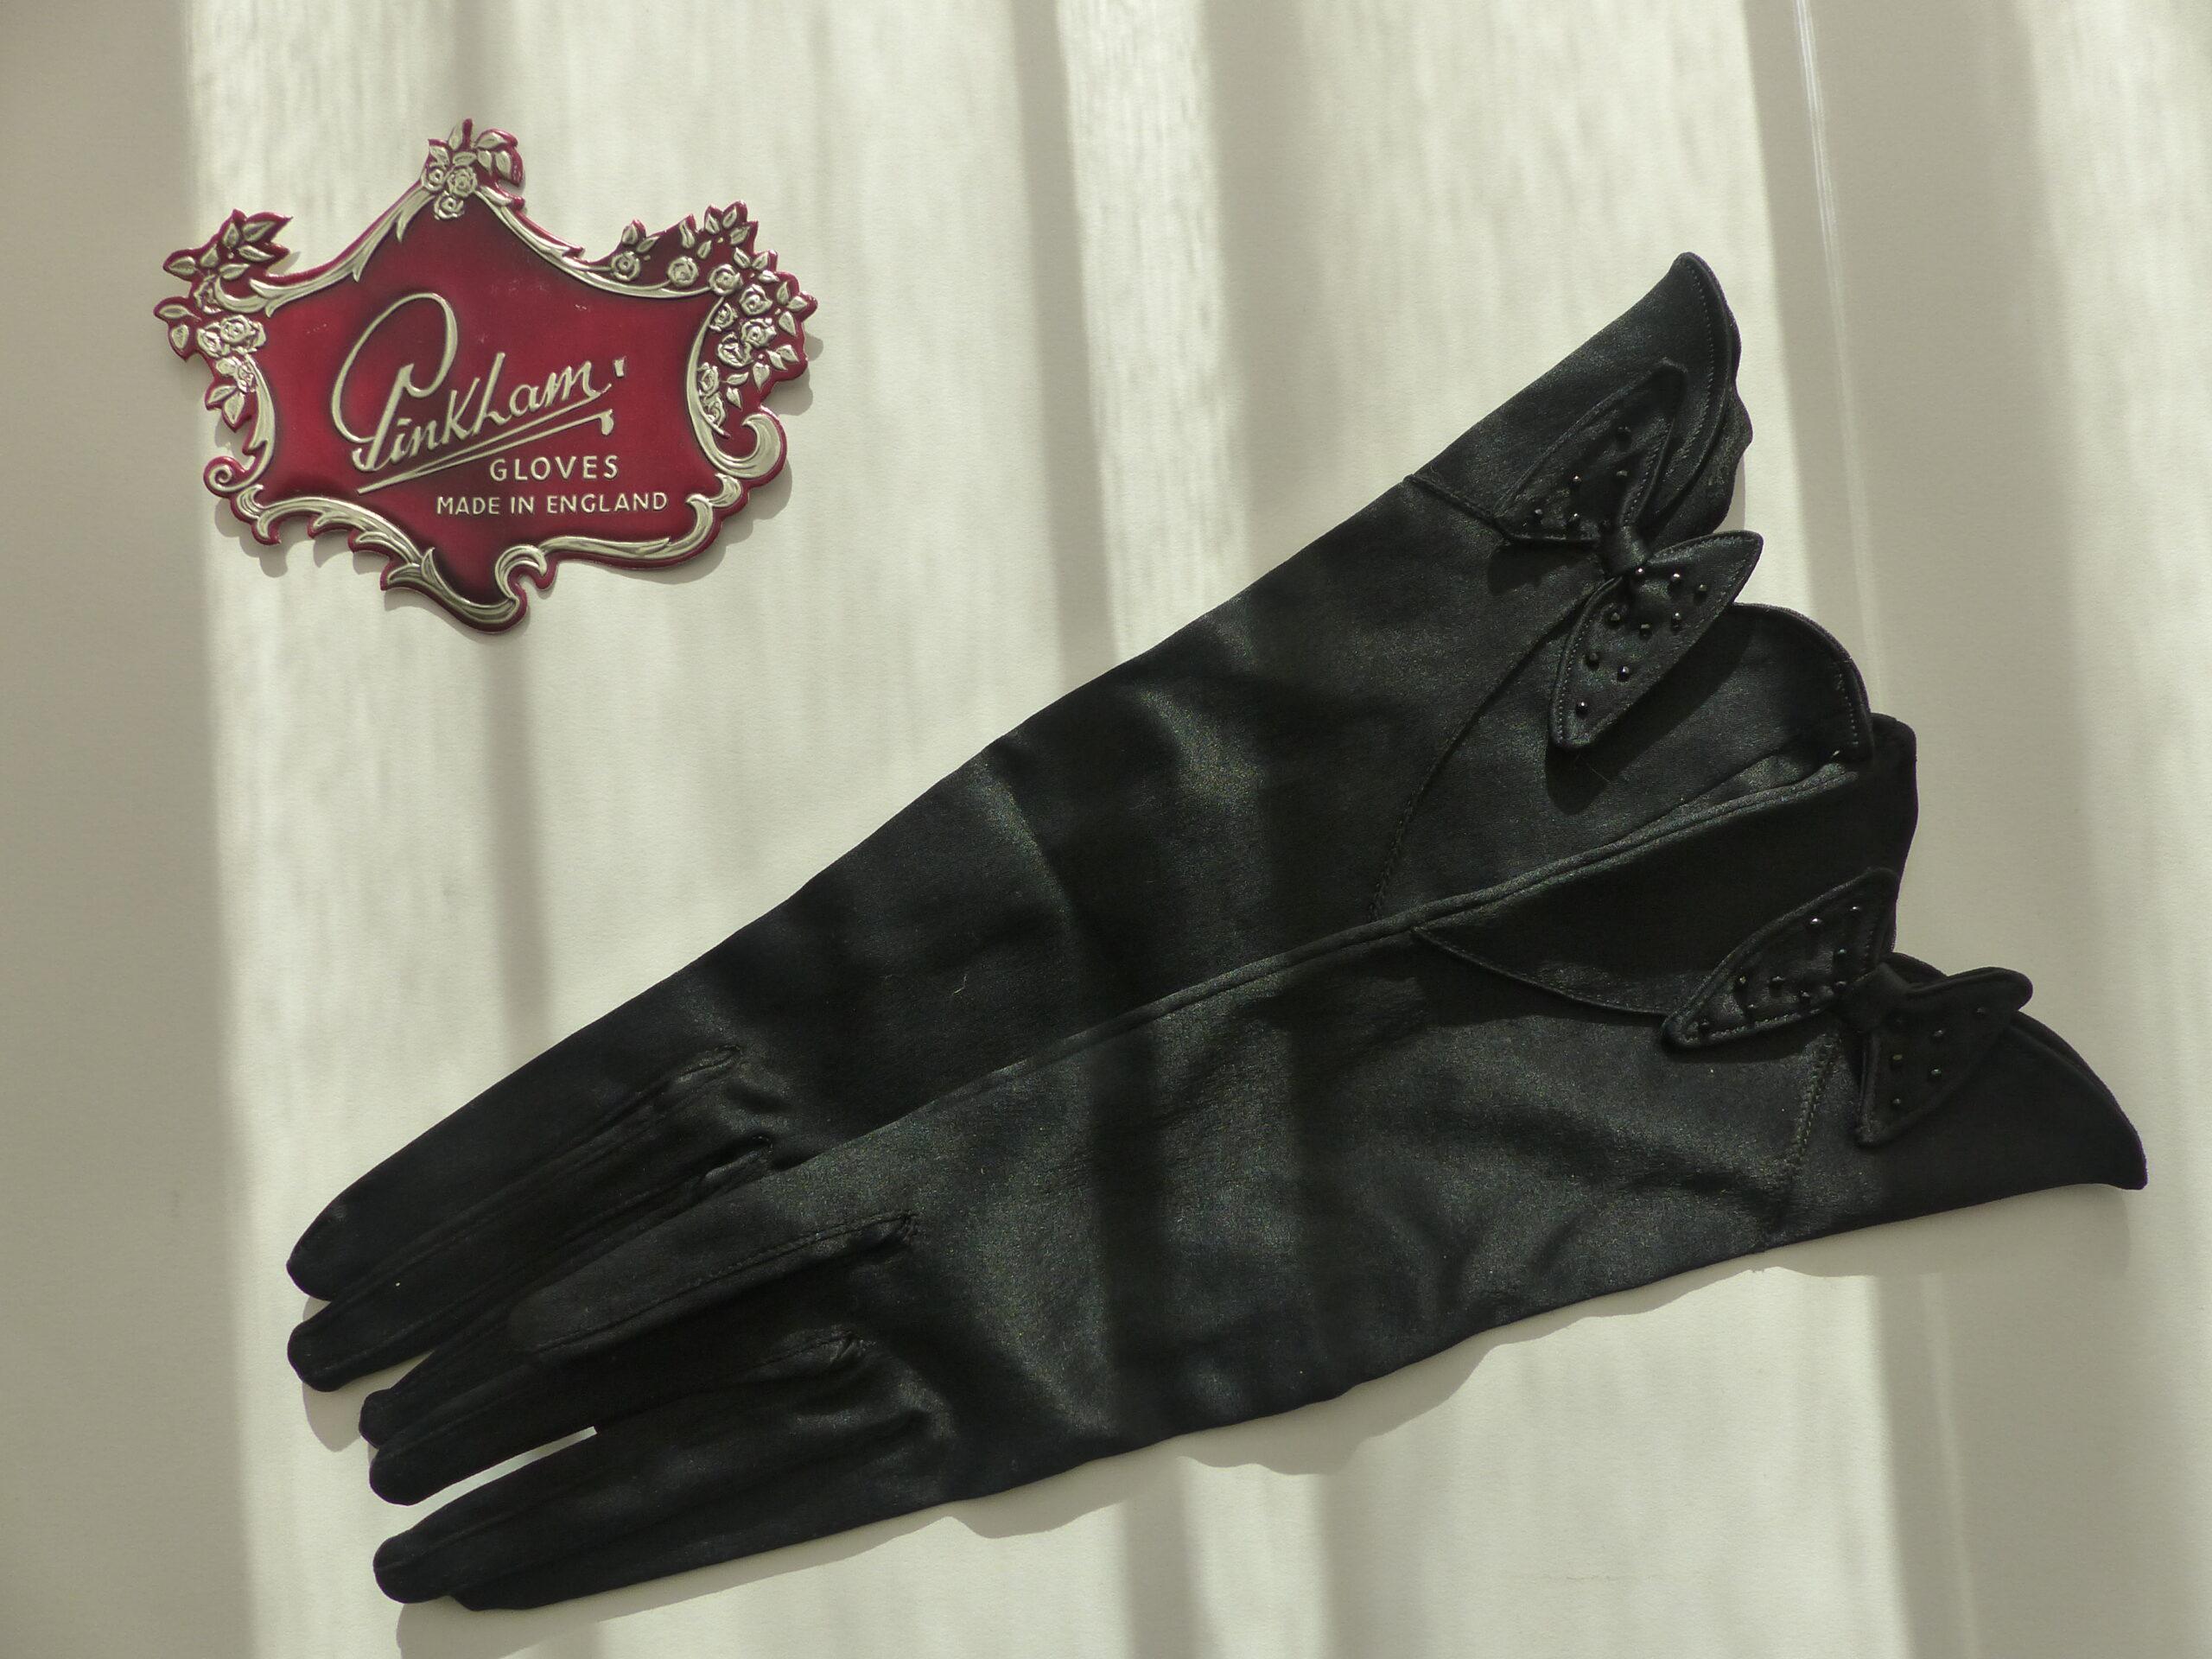 Black Helenka gloves